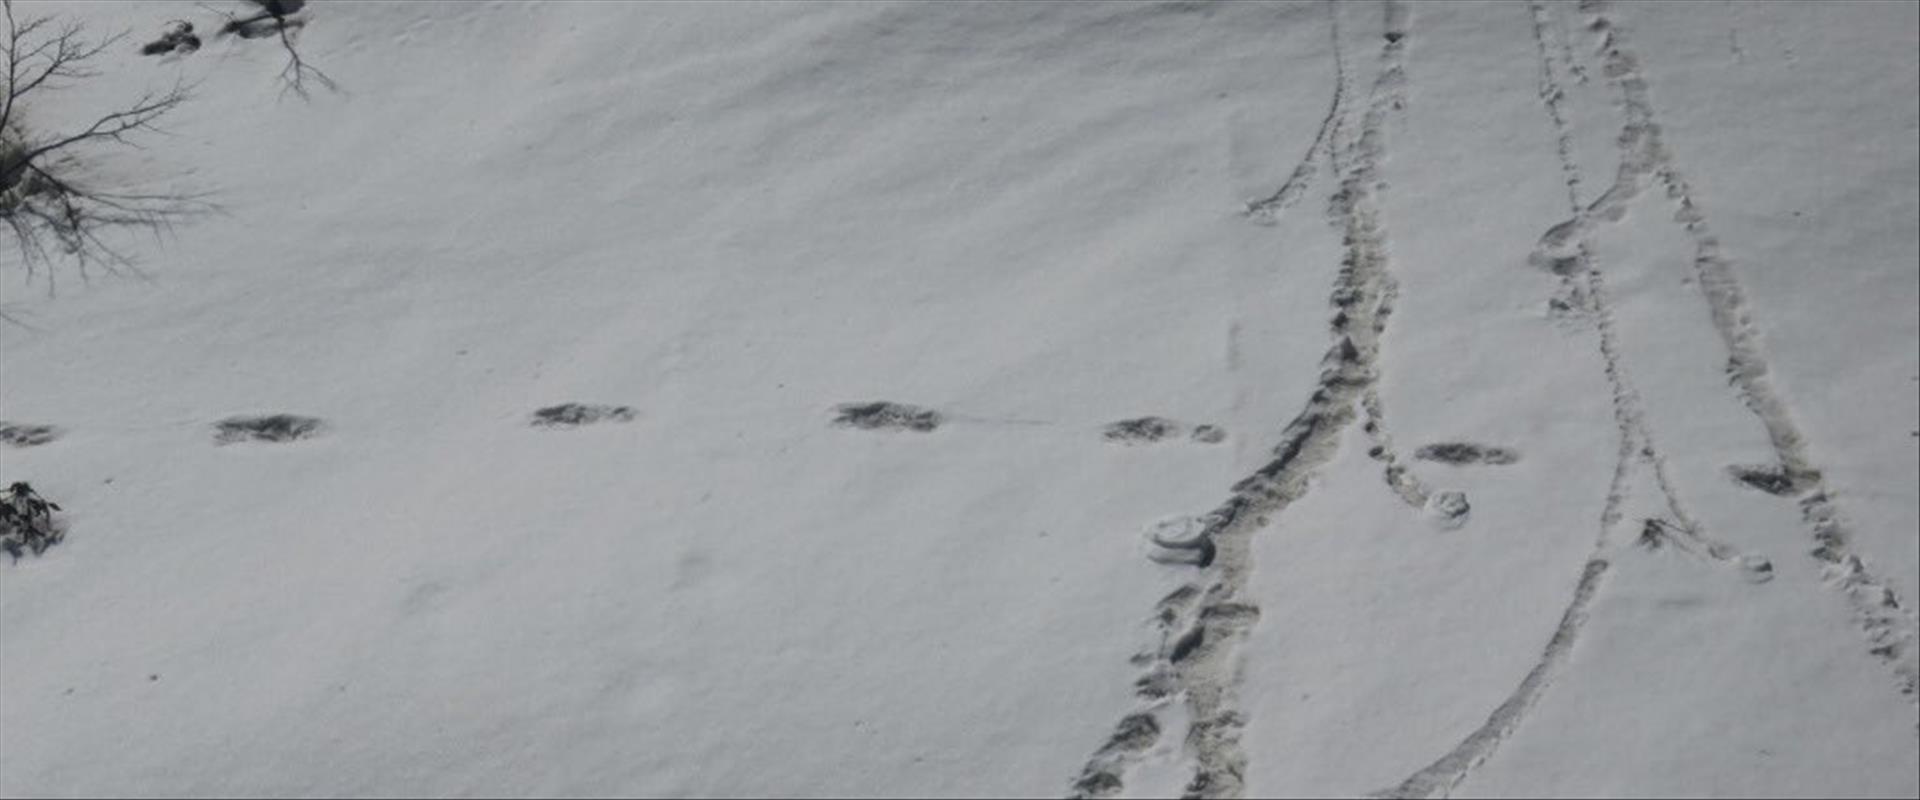 עקבות איש השלג